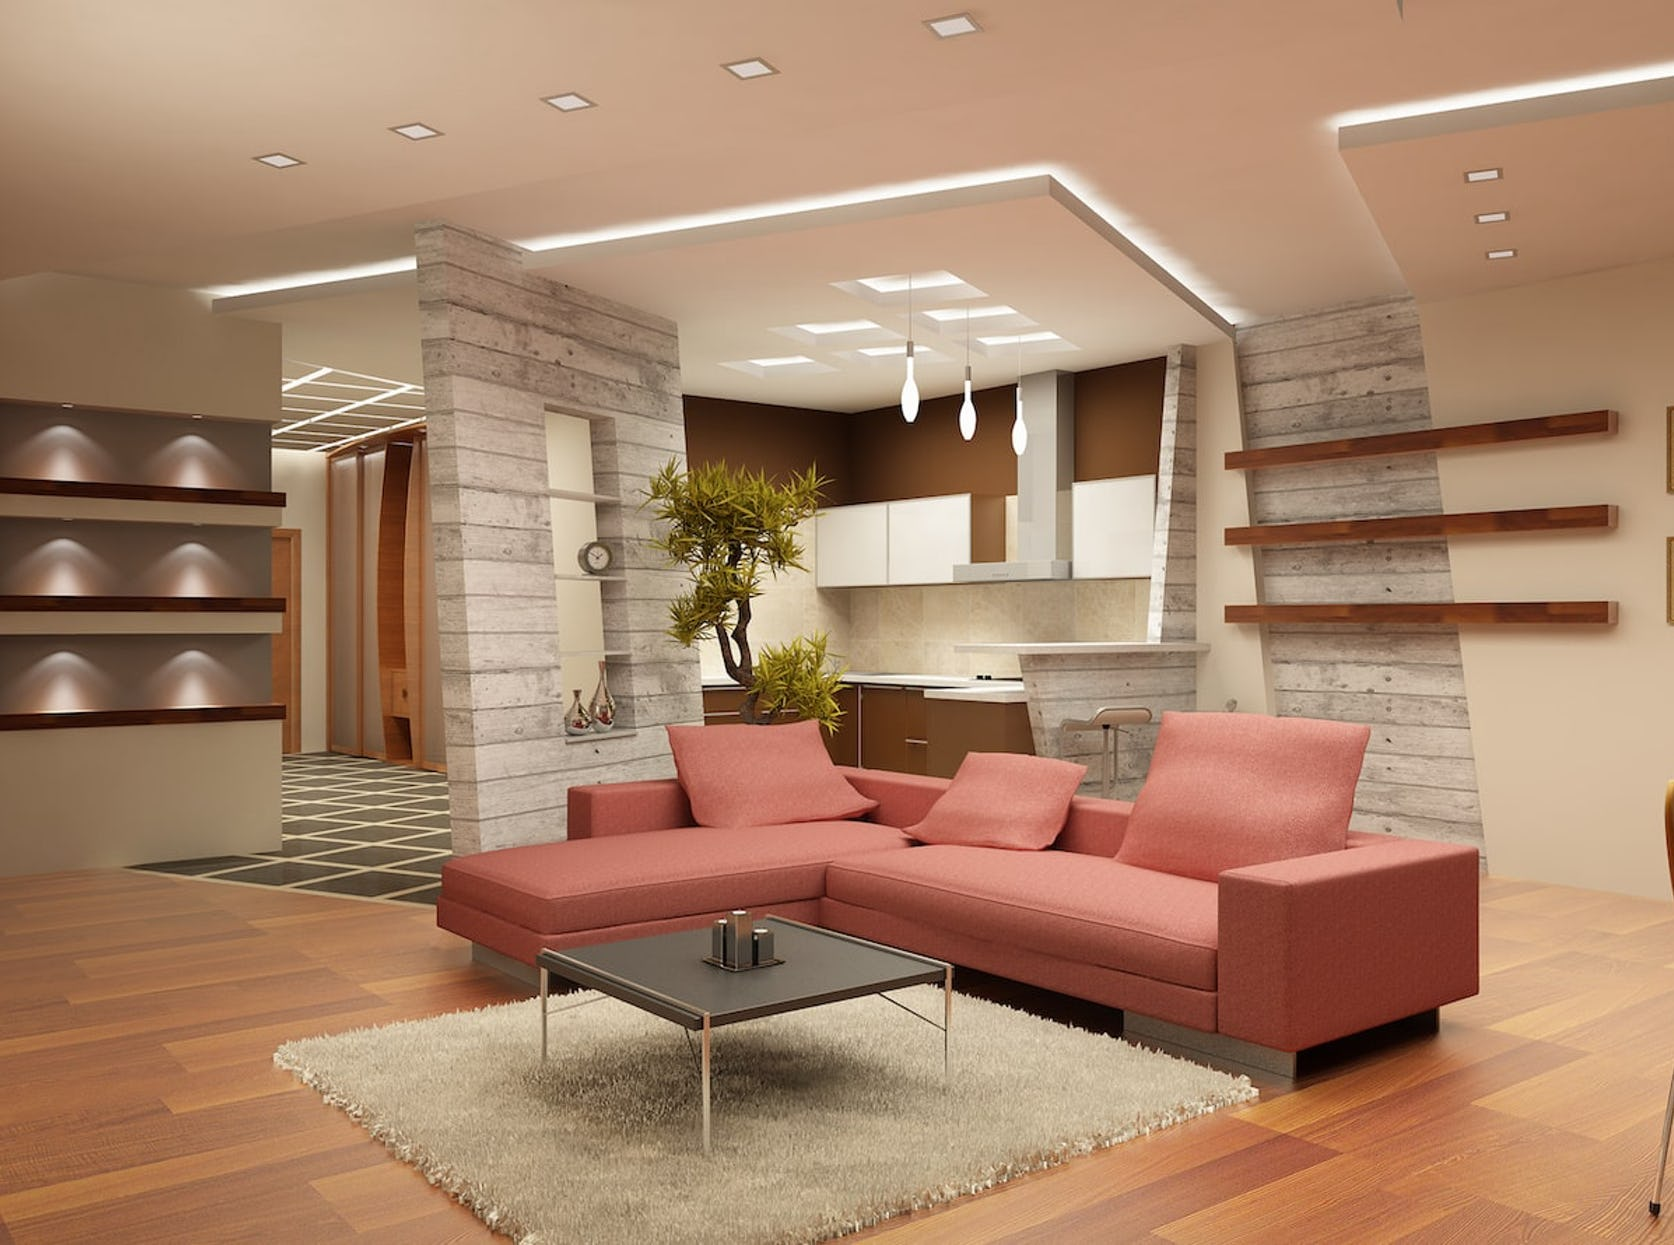 Faux plafond élément décoratif